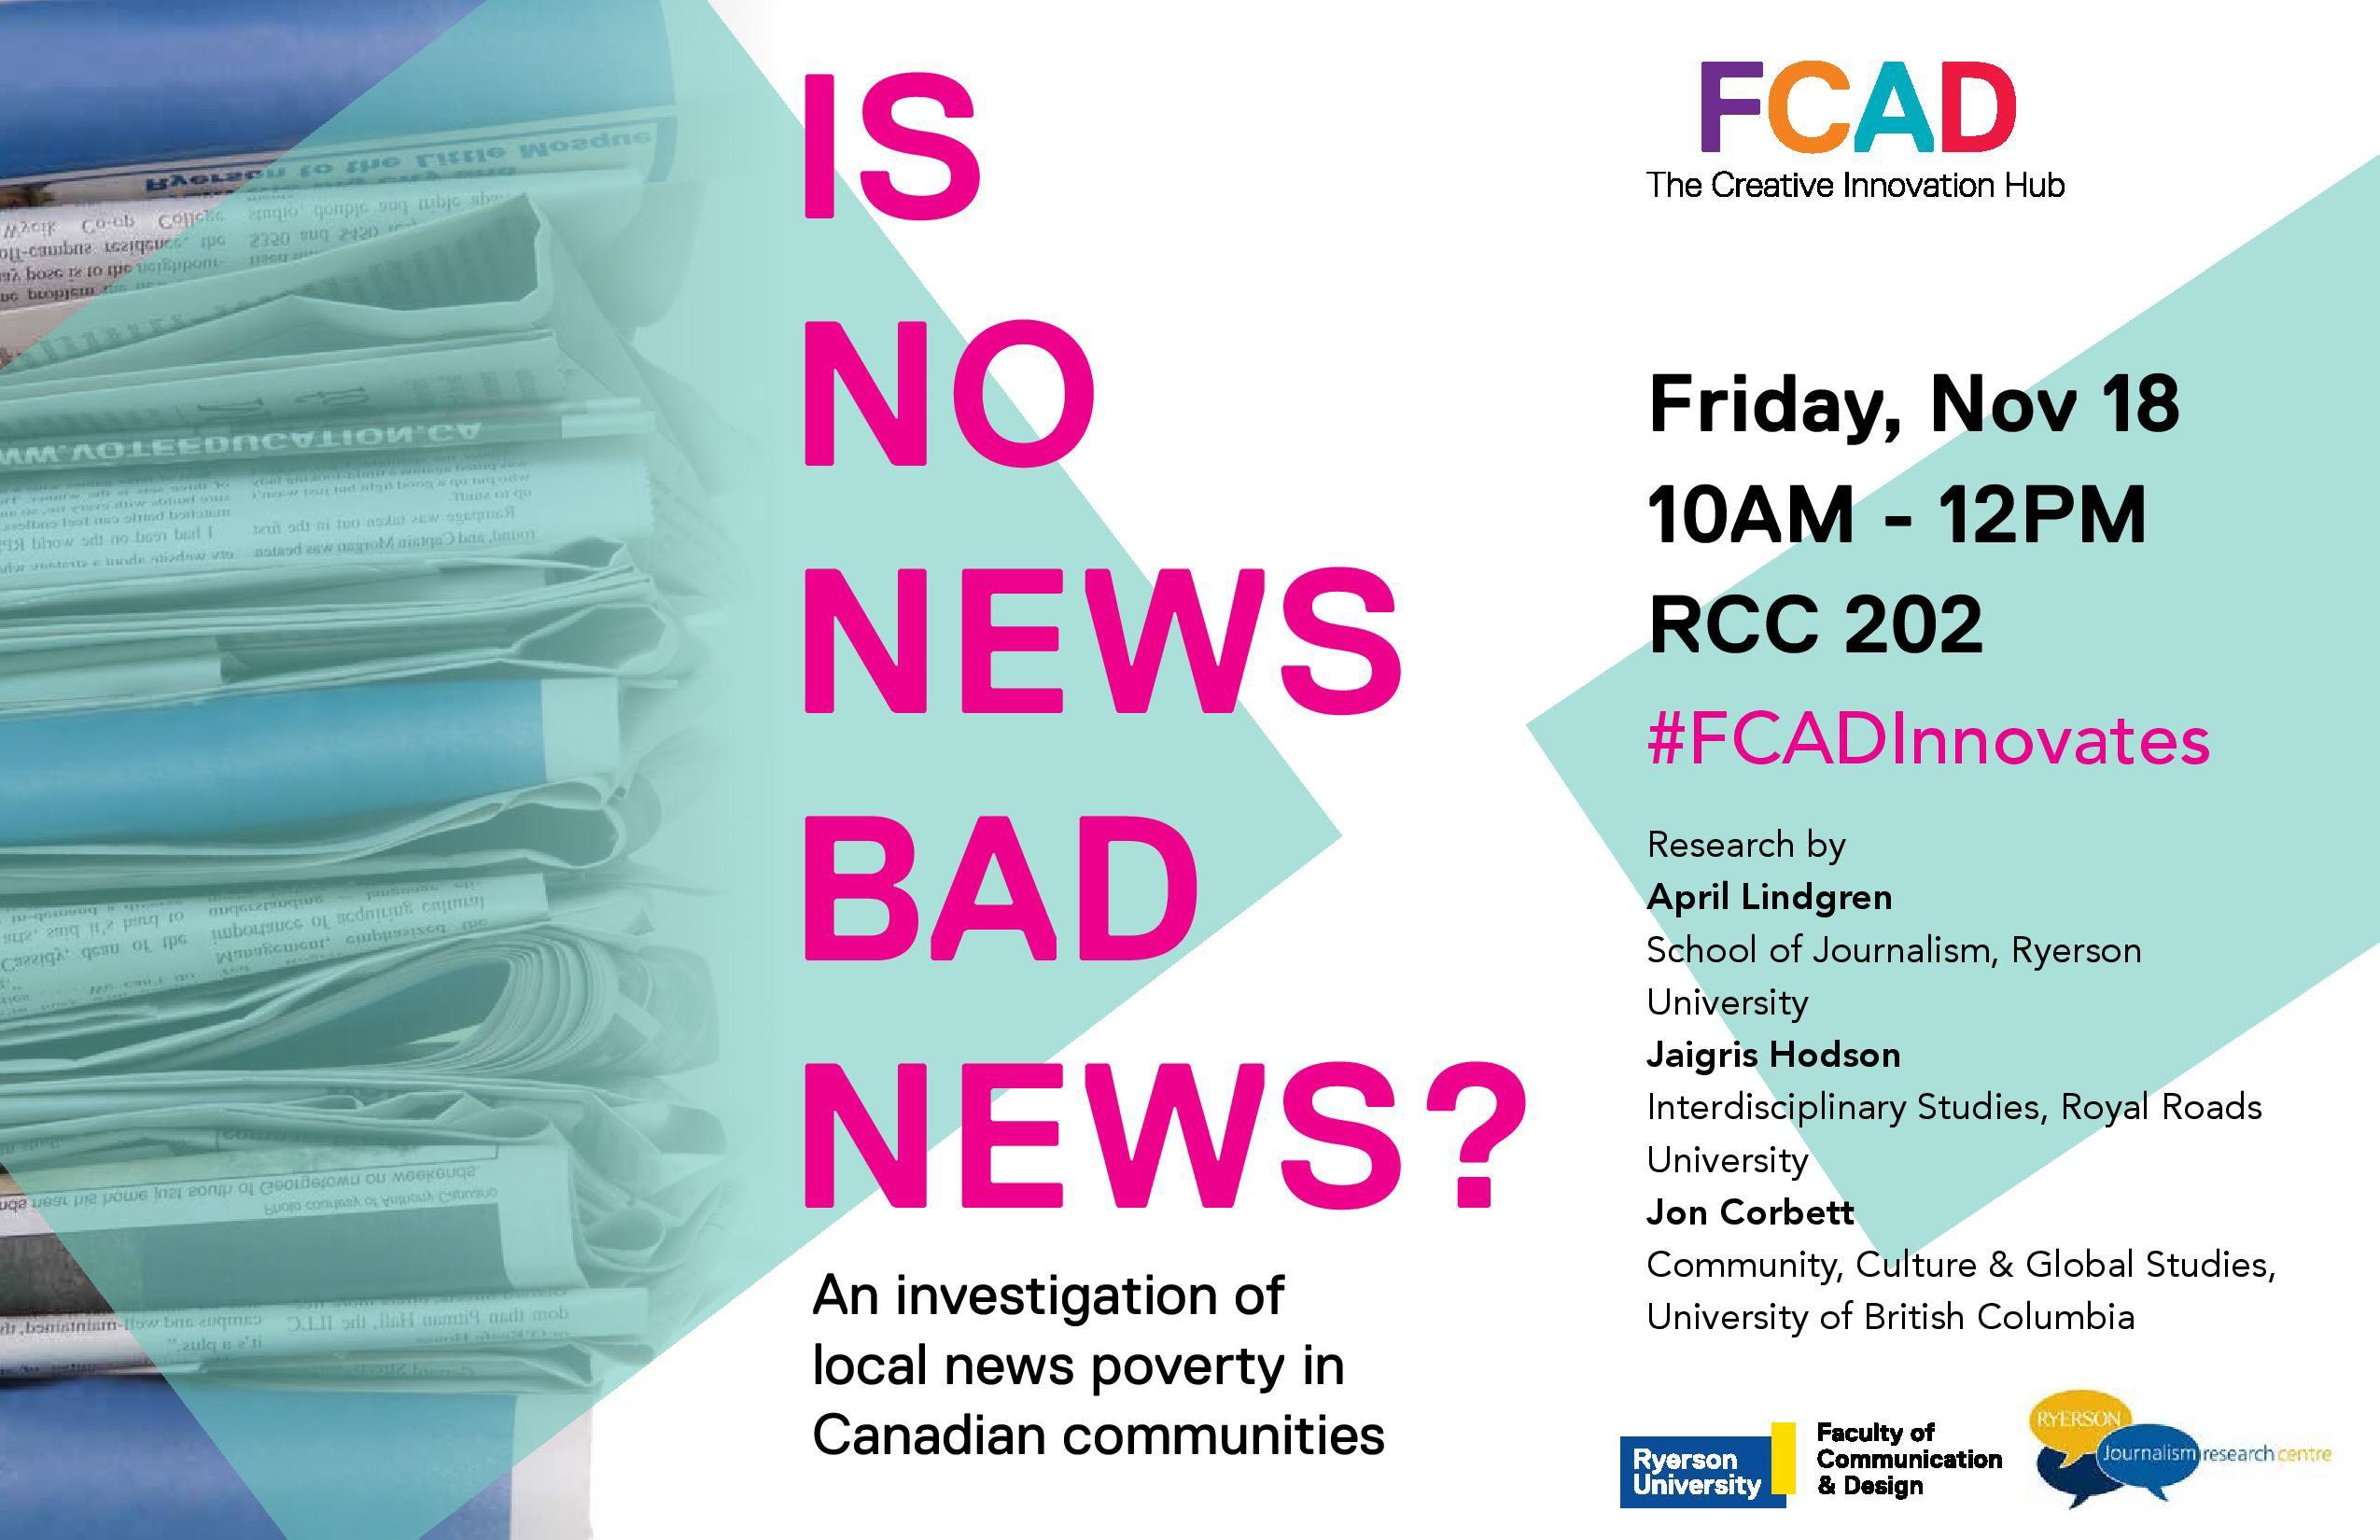 fcad-innovates-nov-18-page-001